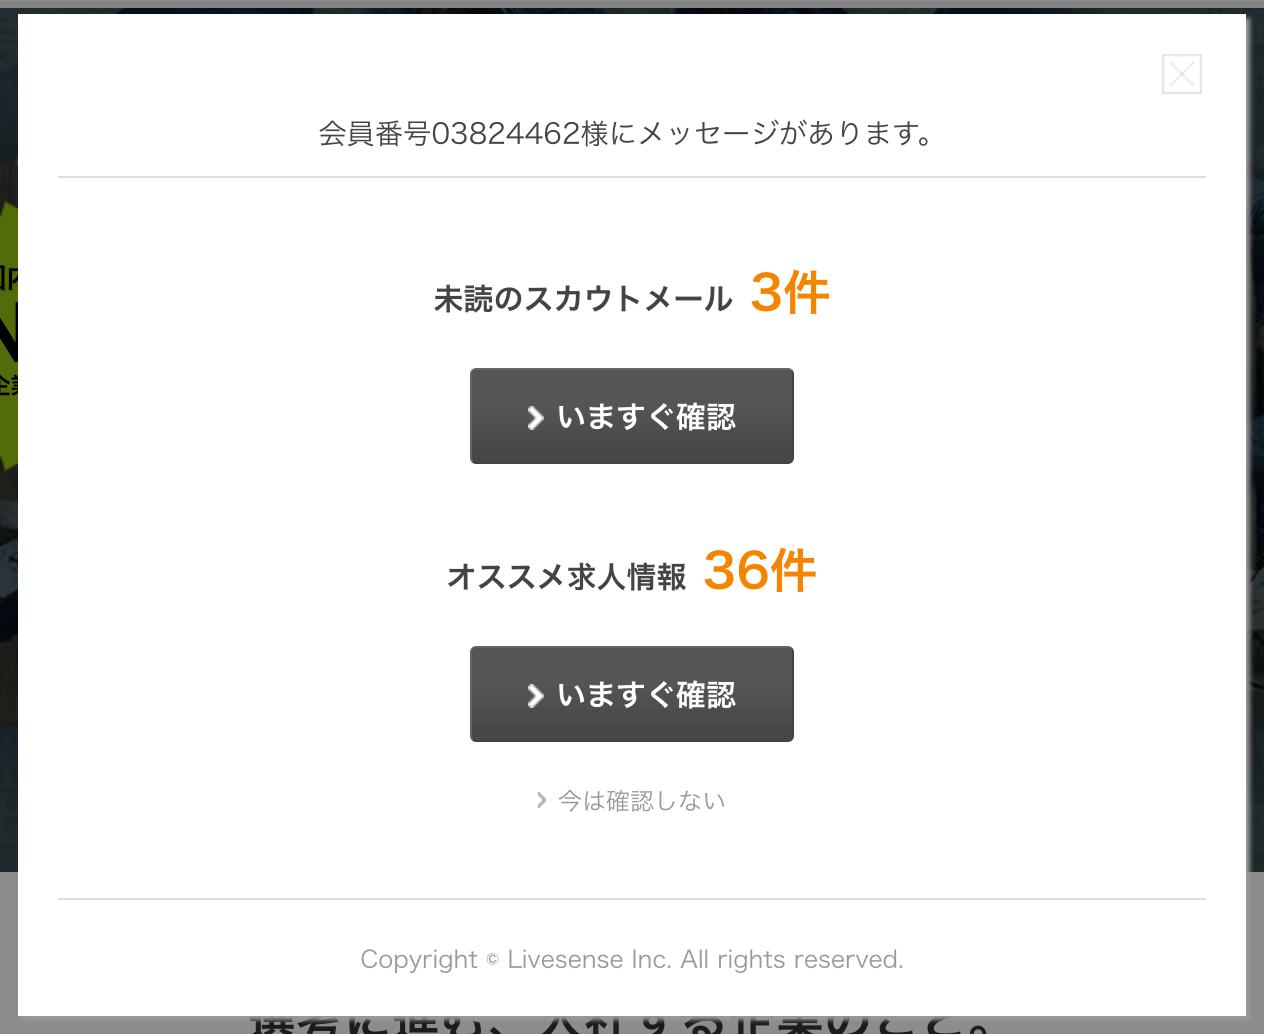 スクリーンショット 2016-05-08 00.23.12